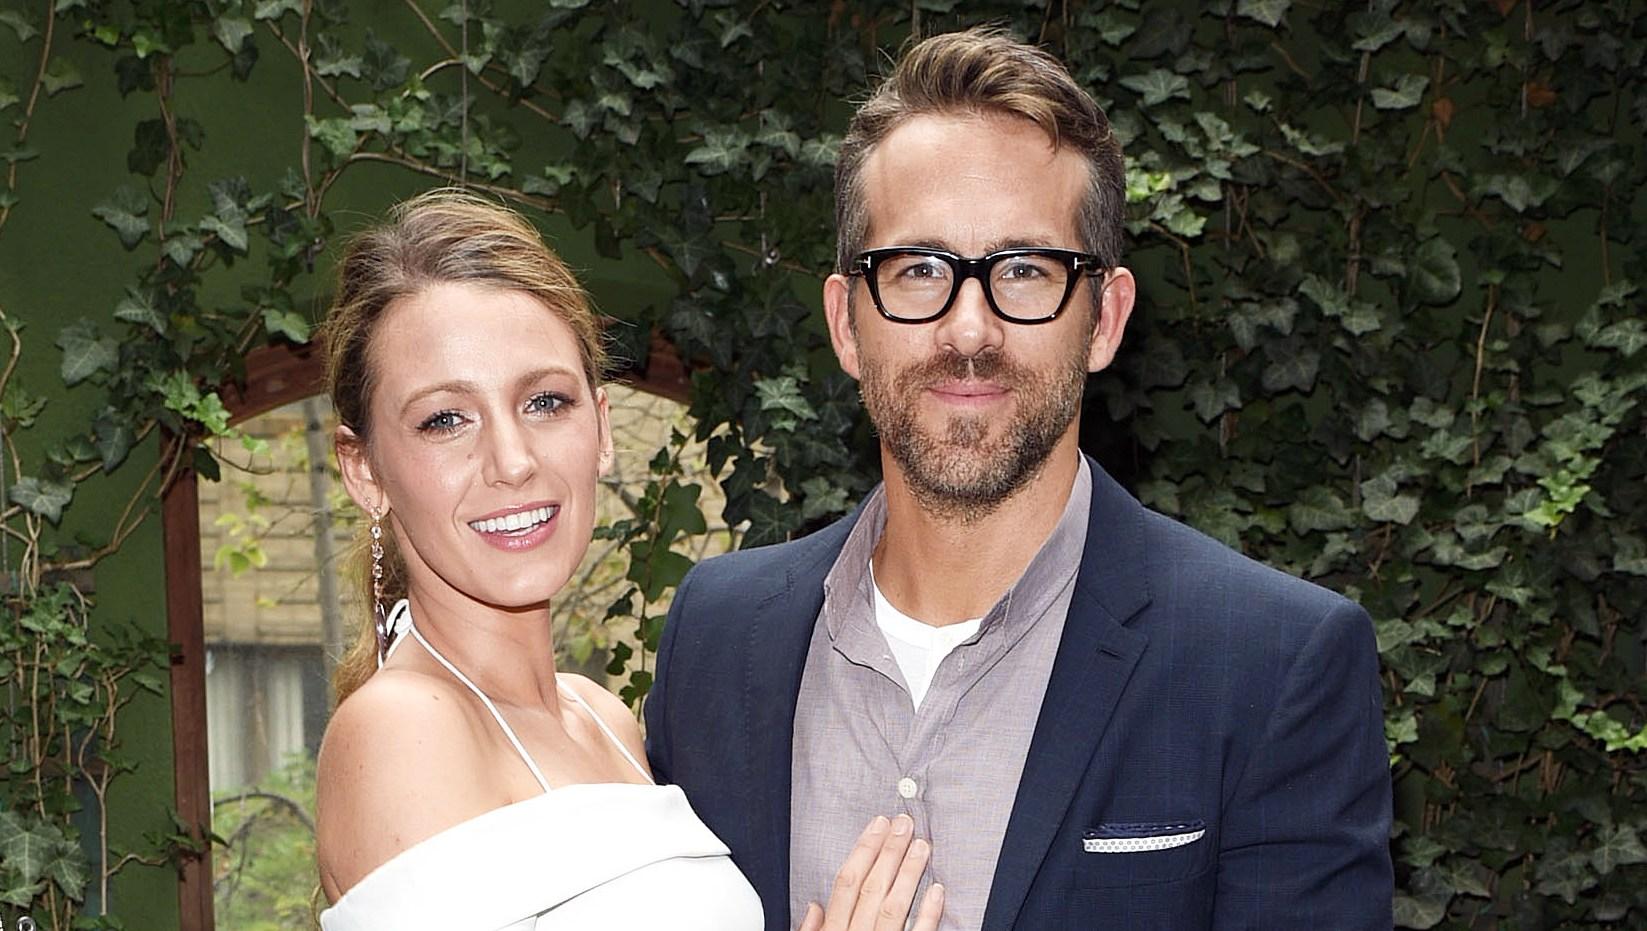 Blake Lively Ryan Reynolds In Love